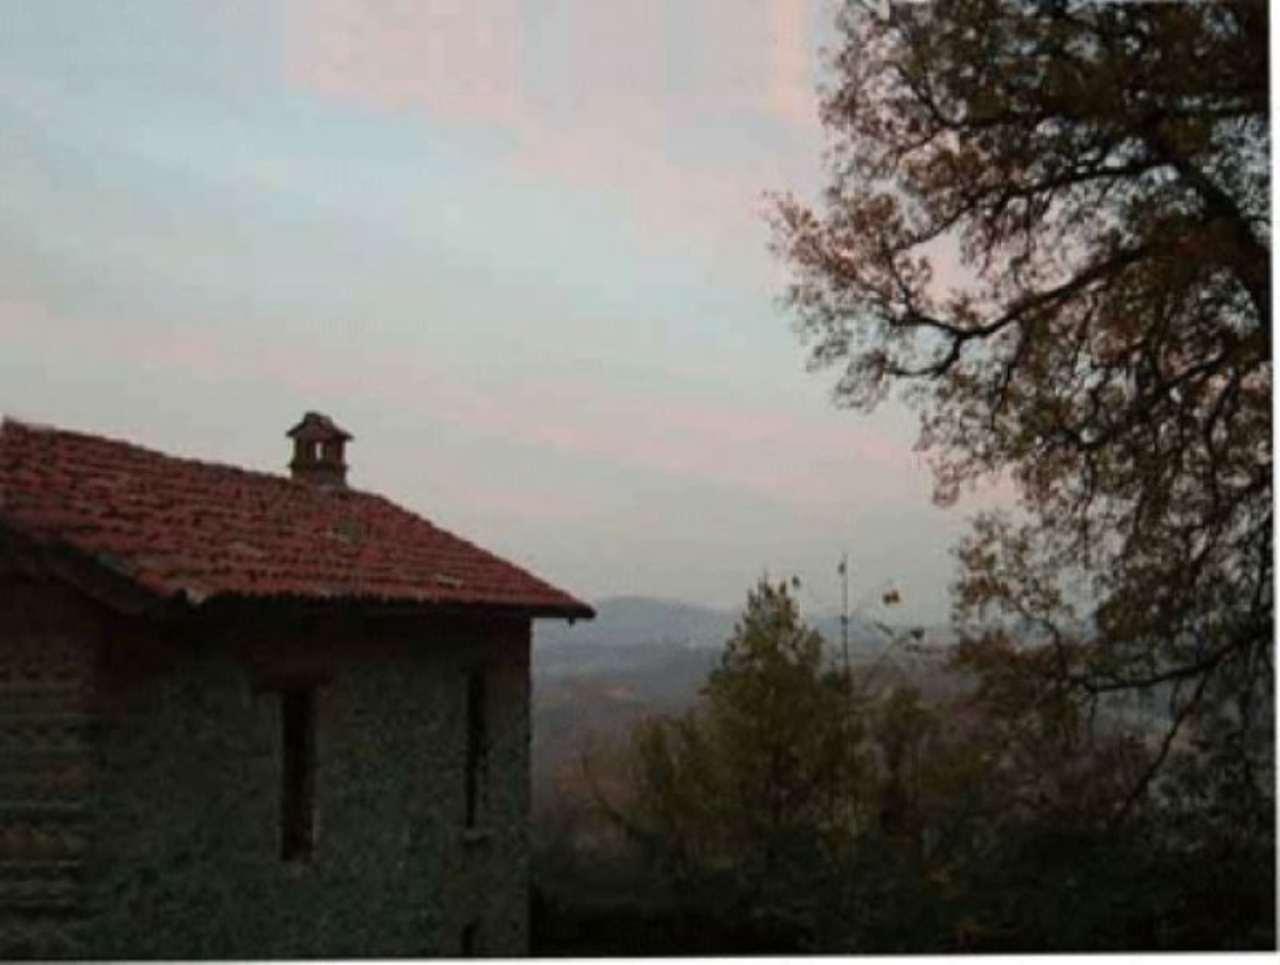 Rustico / Casale in vendita a Morbello, 6 locali, prezzo € 280.000 | Cambio Casa.it